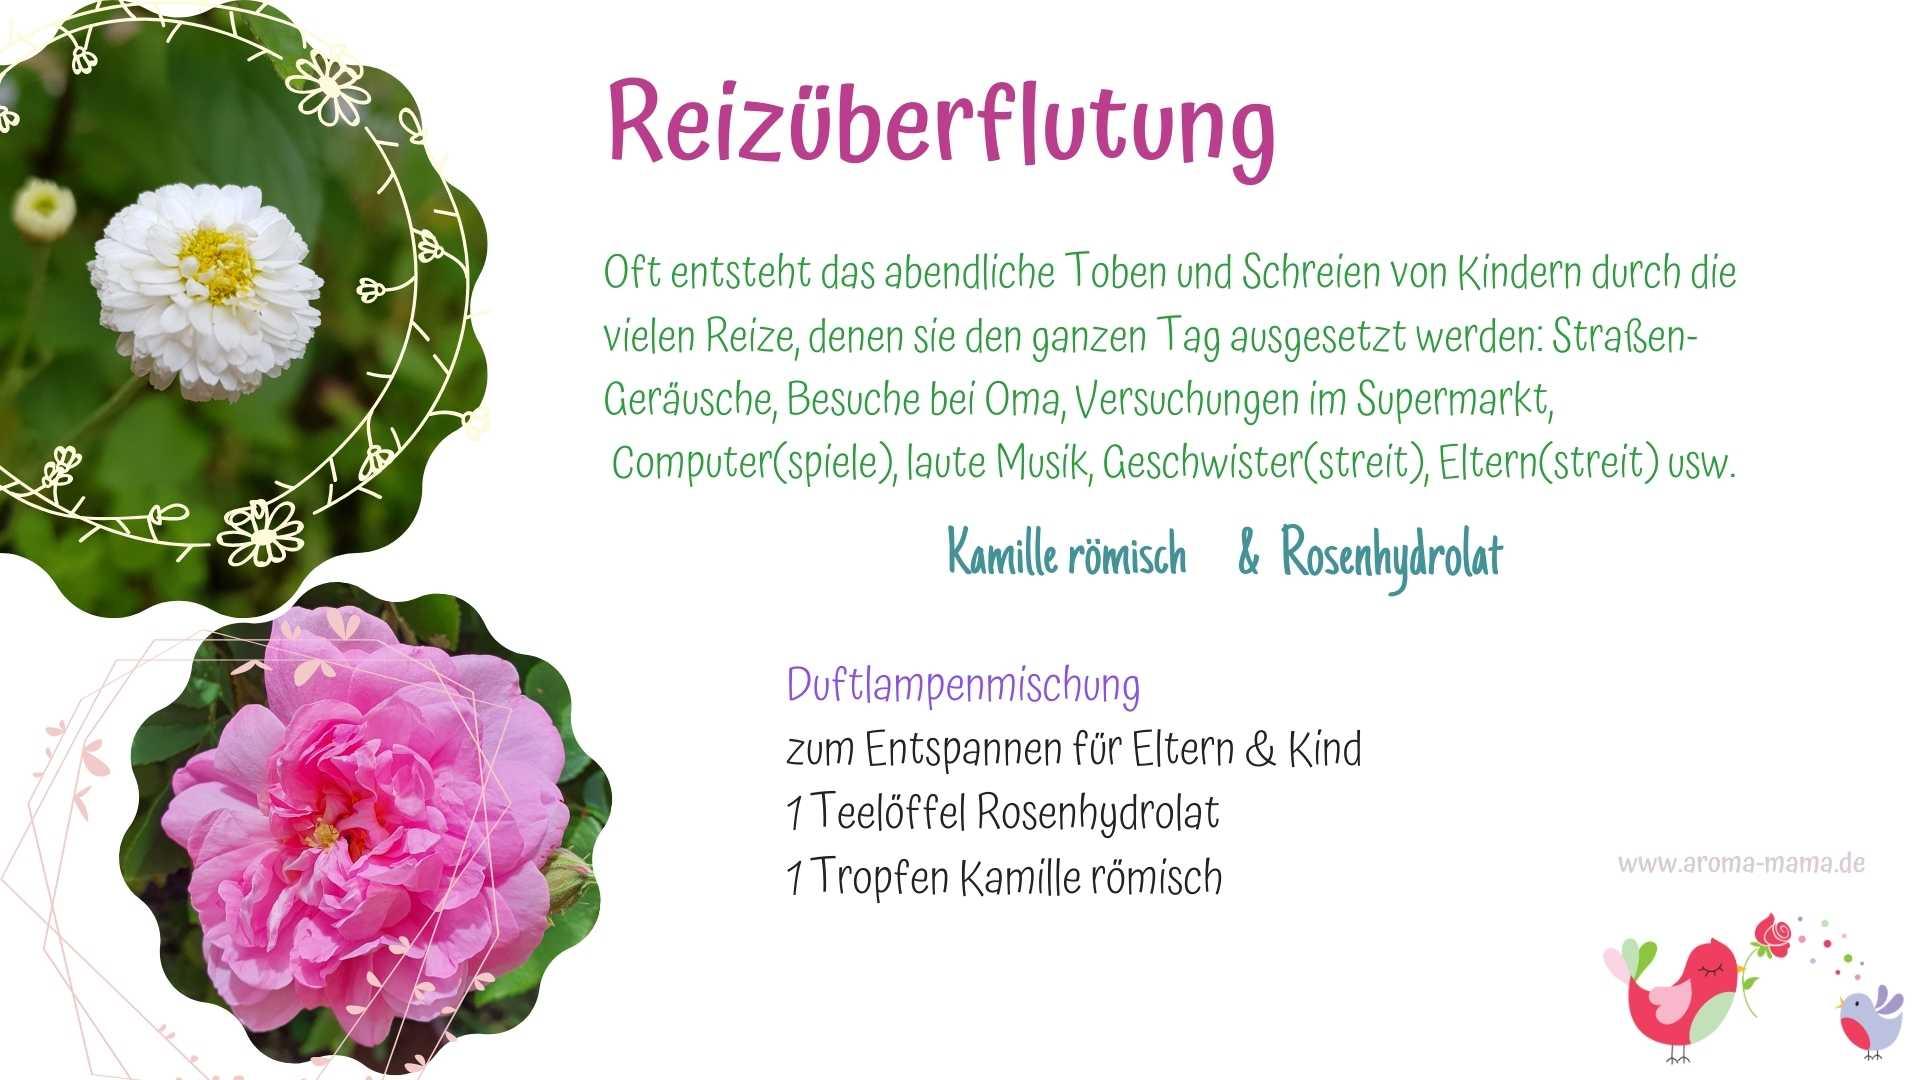 Zappelphilipp_aromatherapie_vivere